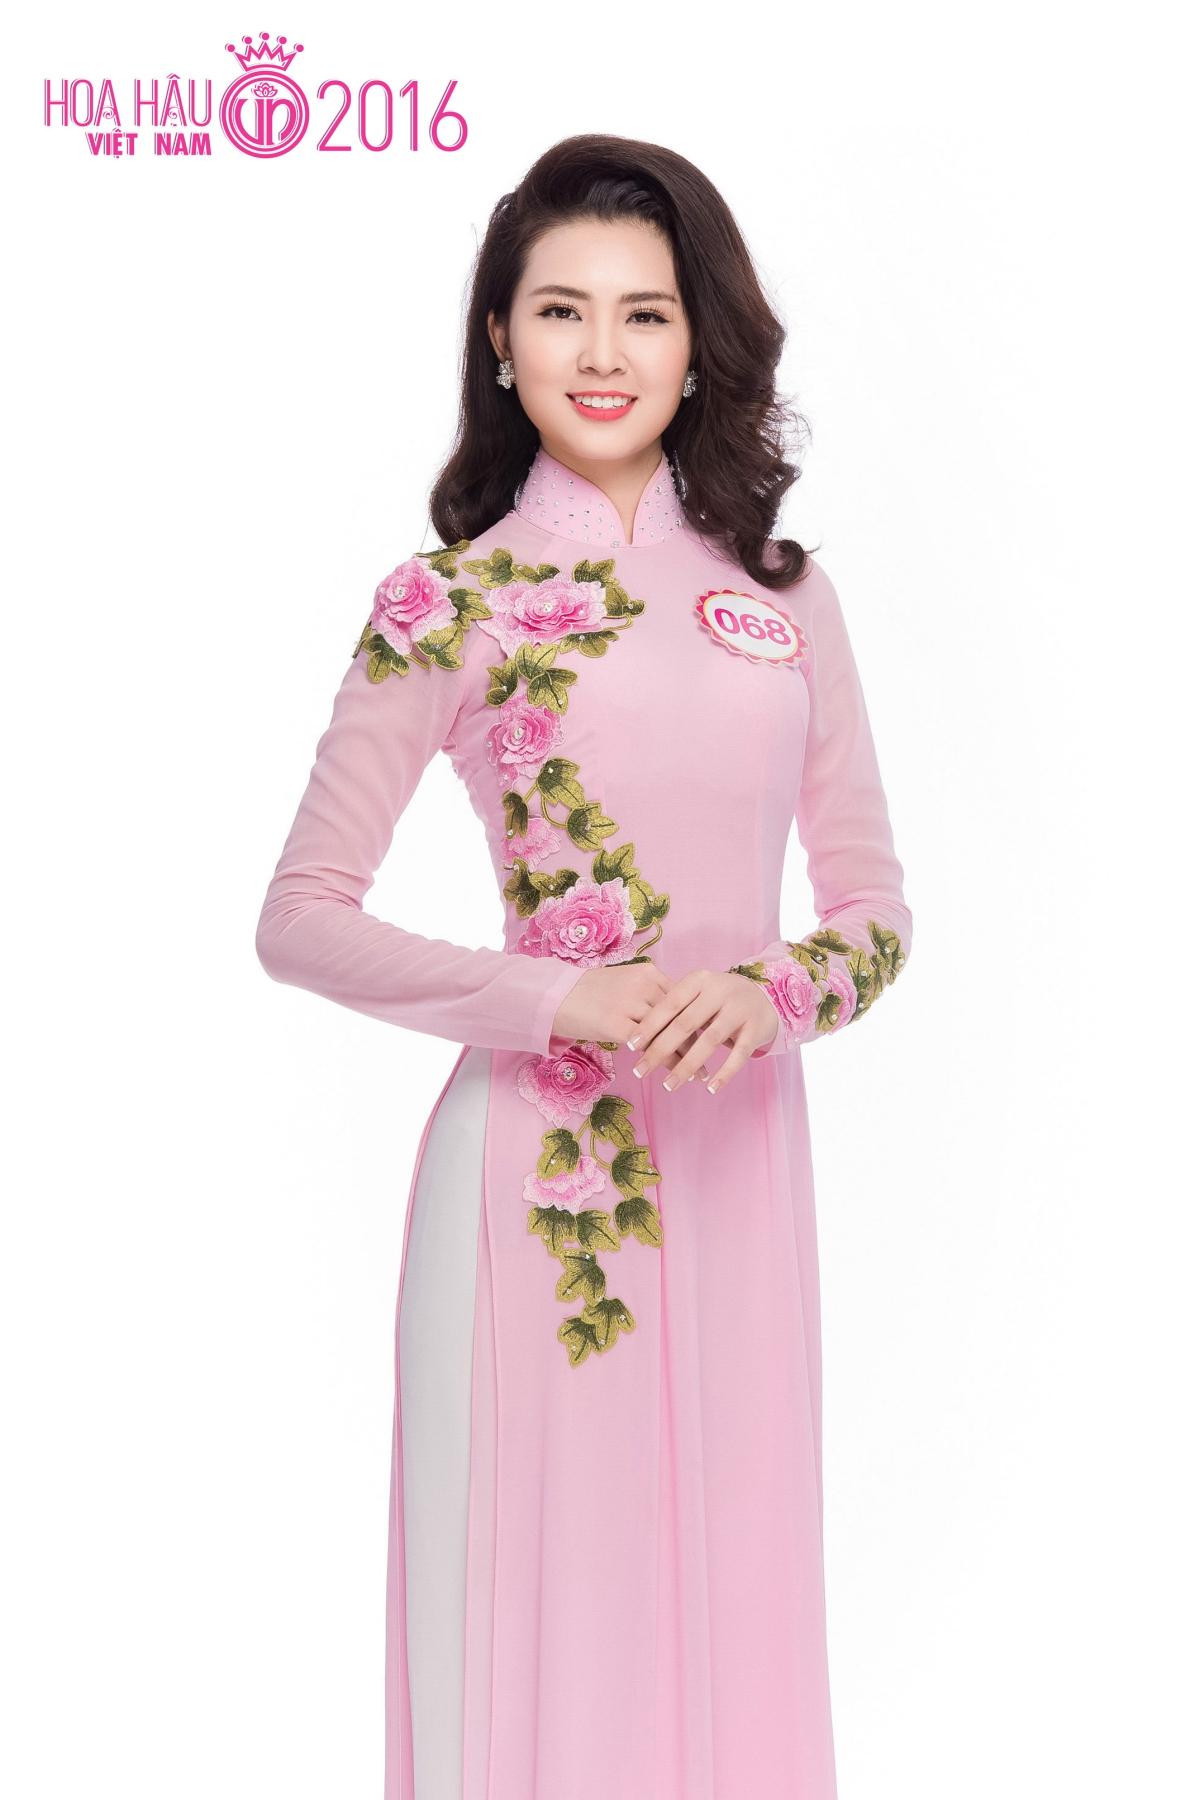 068 - Vu Thi Van Anh 2